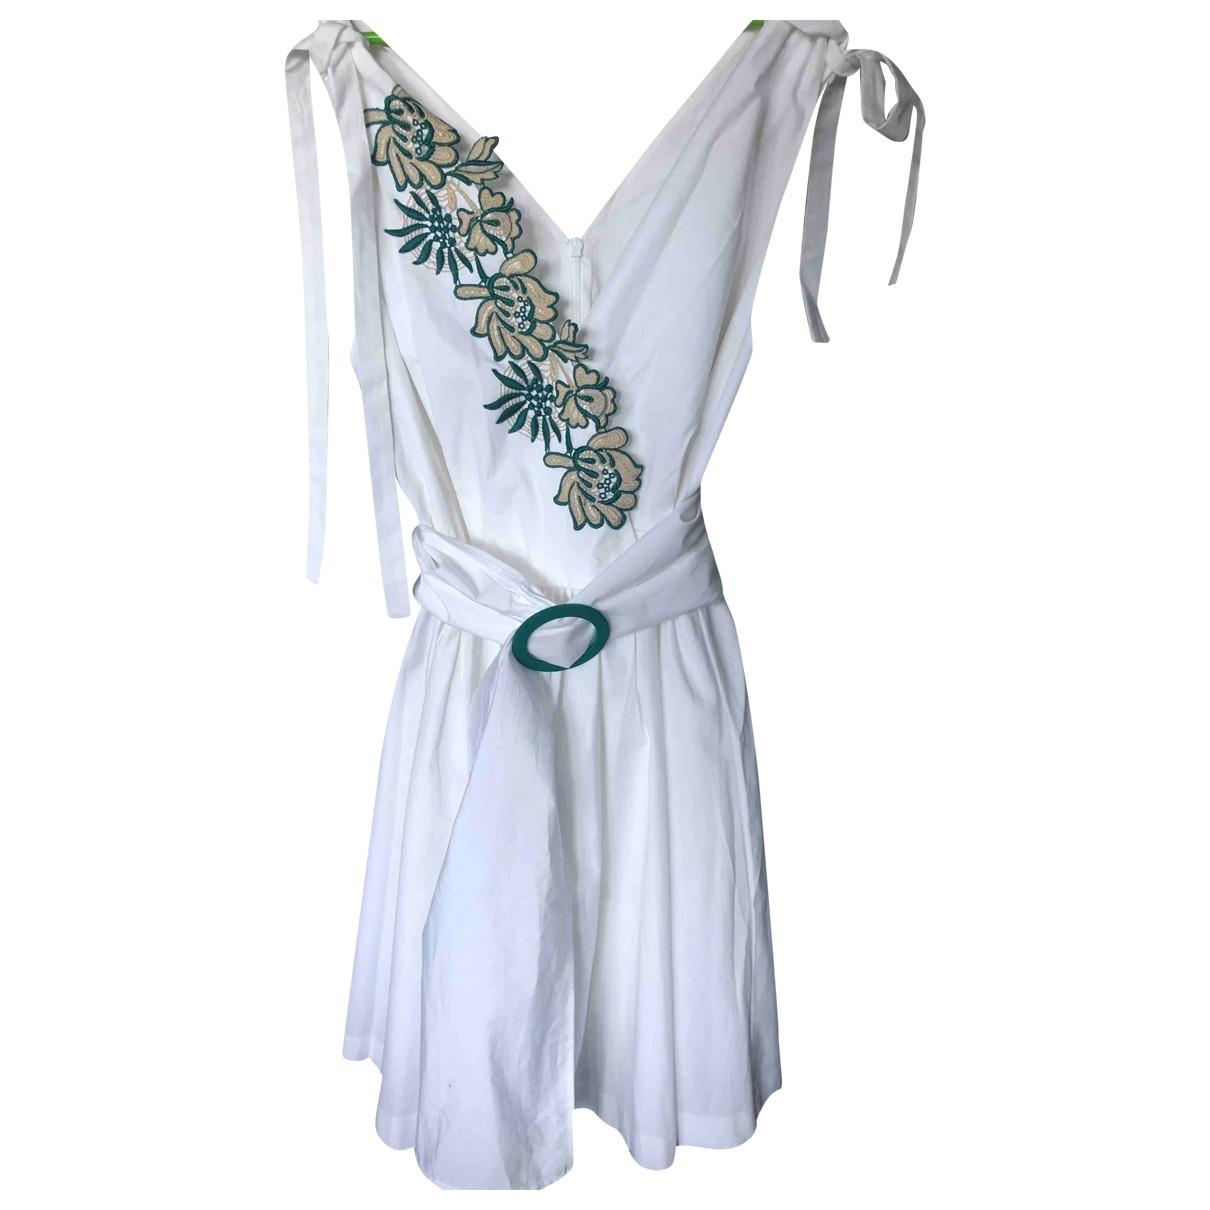 Sandro \N White Cotton dress for Women S International